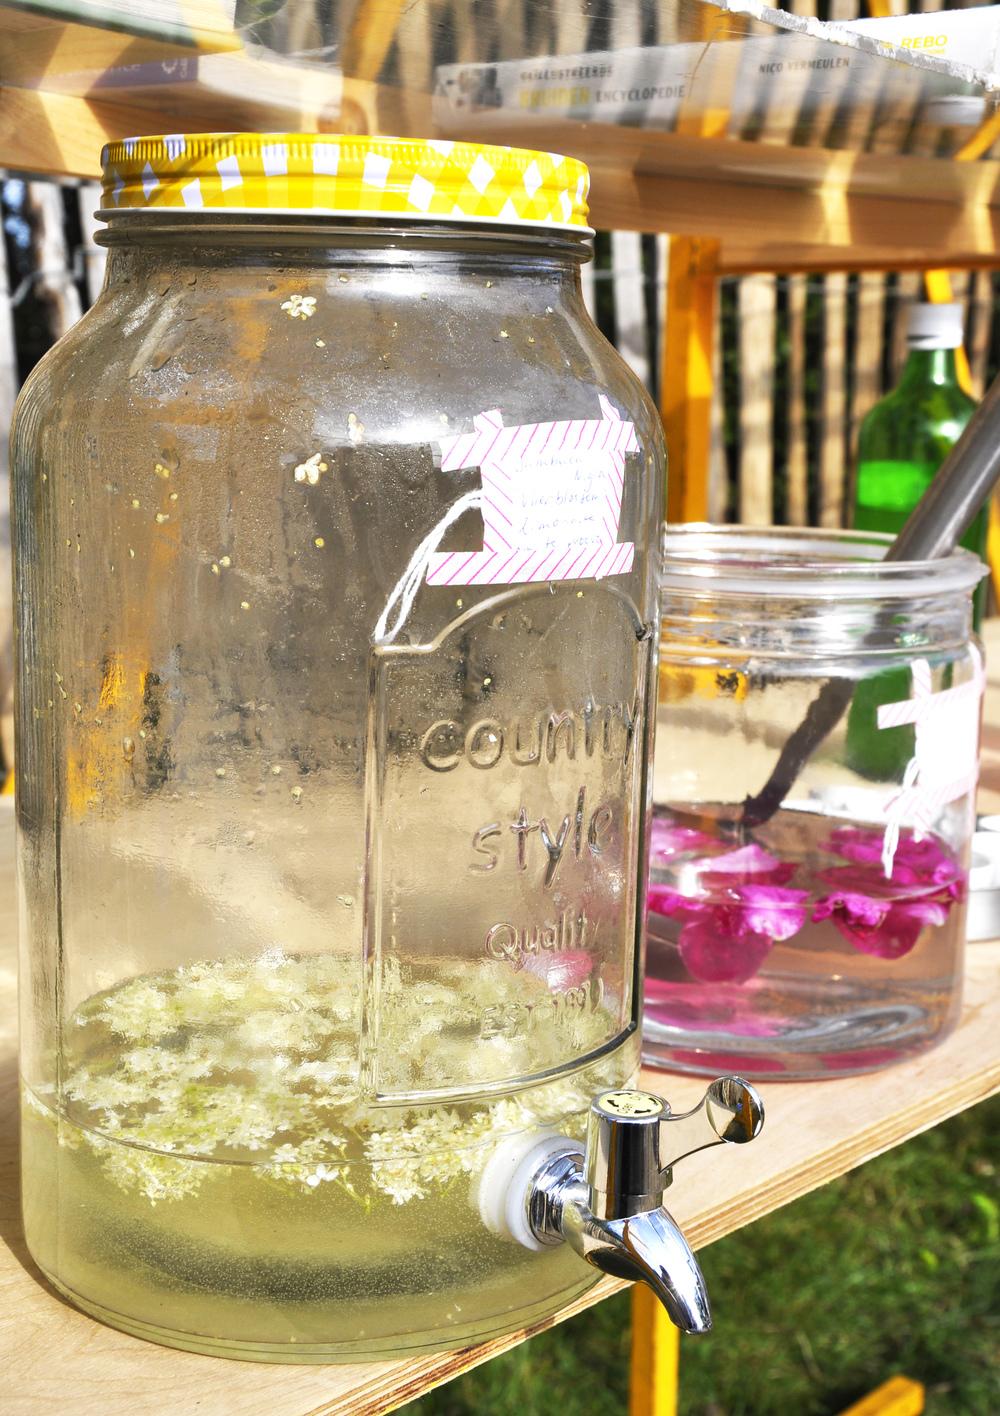 Op Terschelling was het duidelijk kouder geweest, de Vlier op het vasteland was al uitgebloeid, maar tijdens Oerol kon er nog limonade van gemaakt worden. Ook de Rimpelroos bloeide volop, een kans om nog enkeleflesjes heerlijke Rozenlimonade te maken en te laten proeven aan de bezoekers.